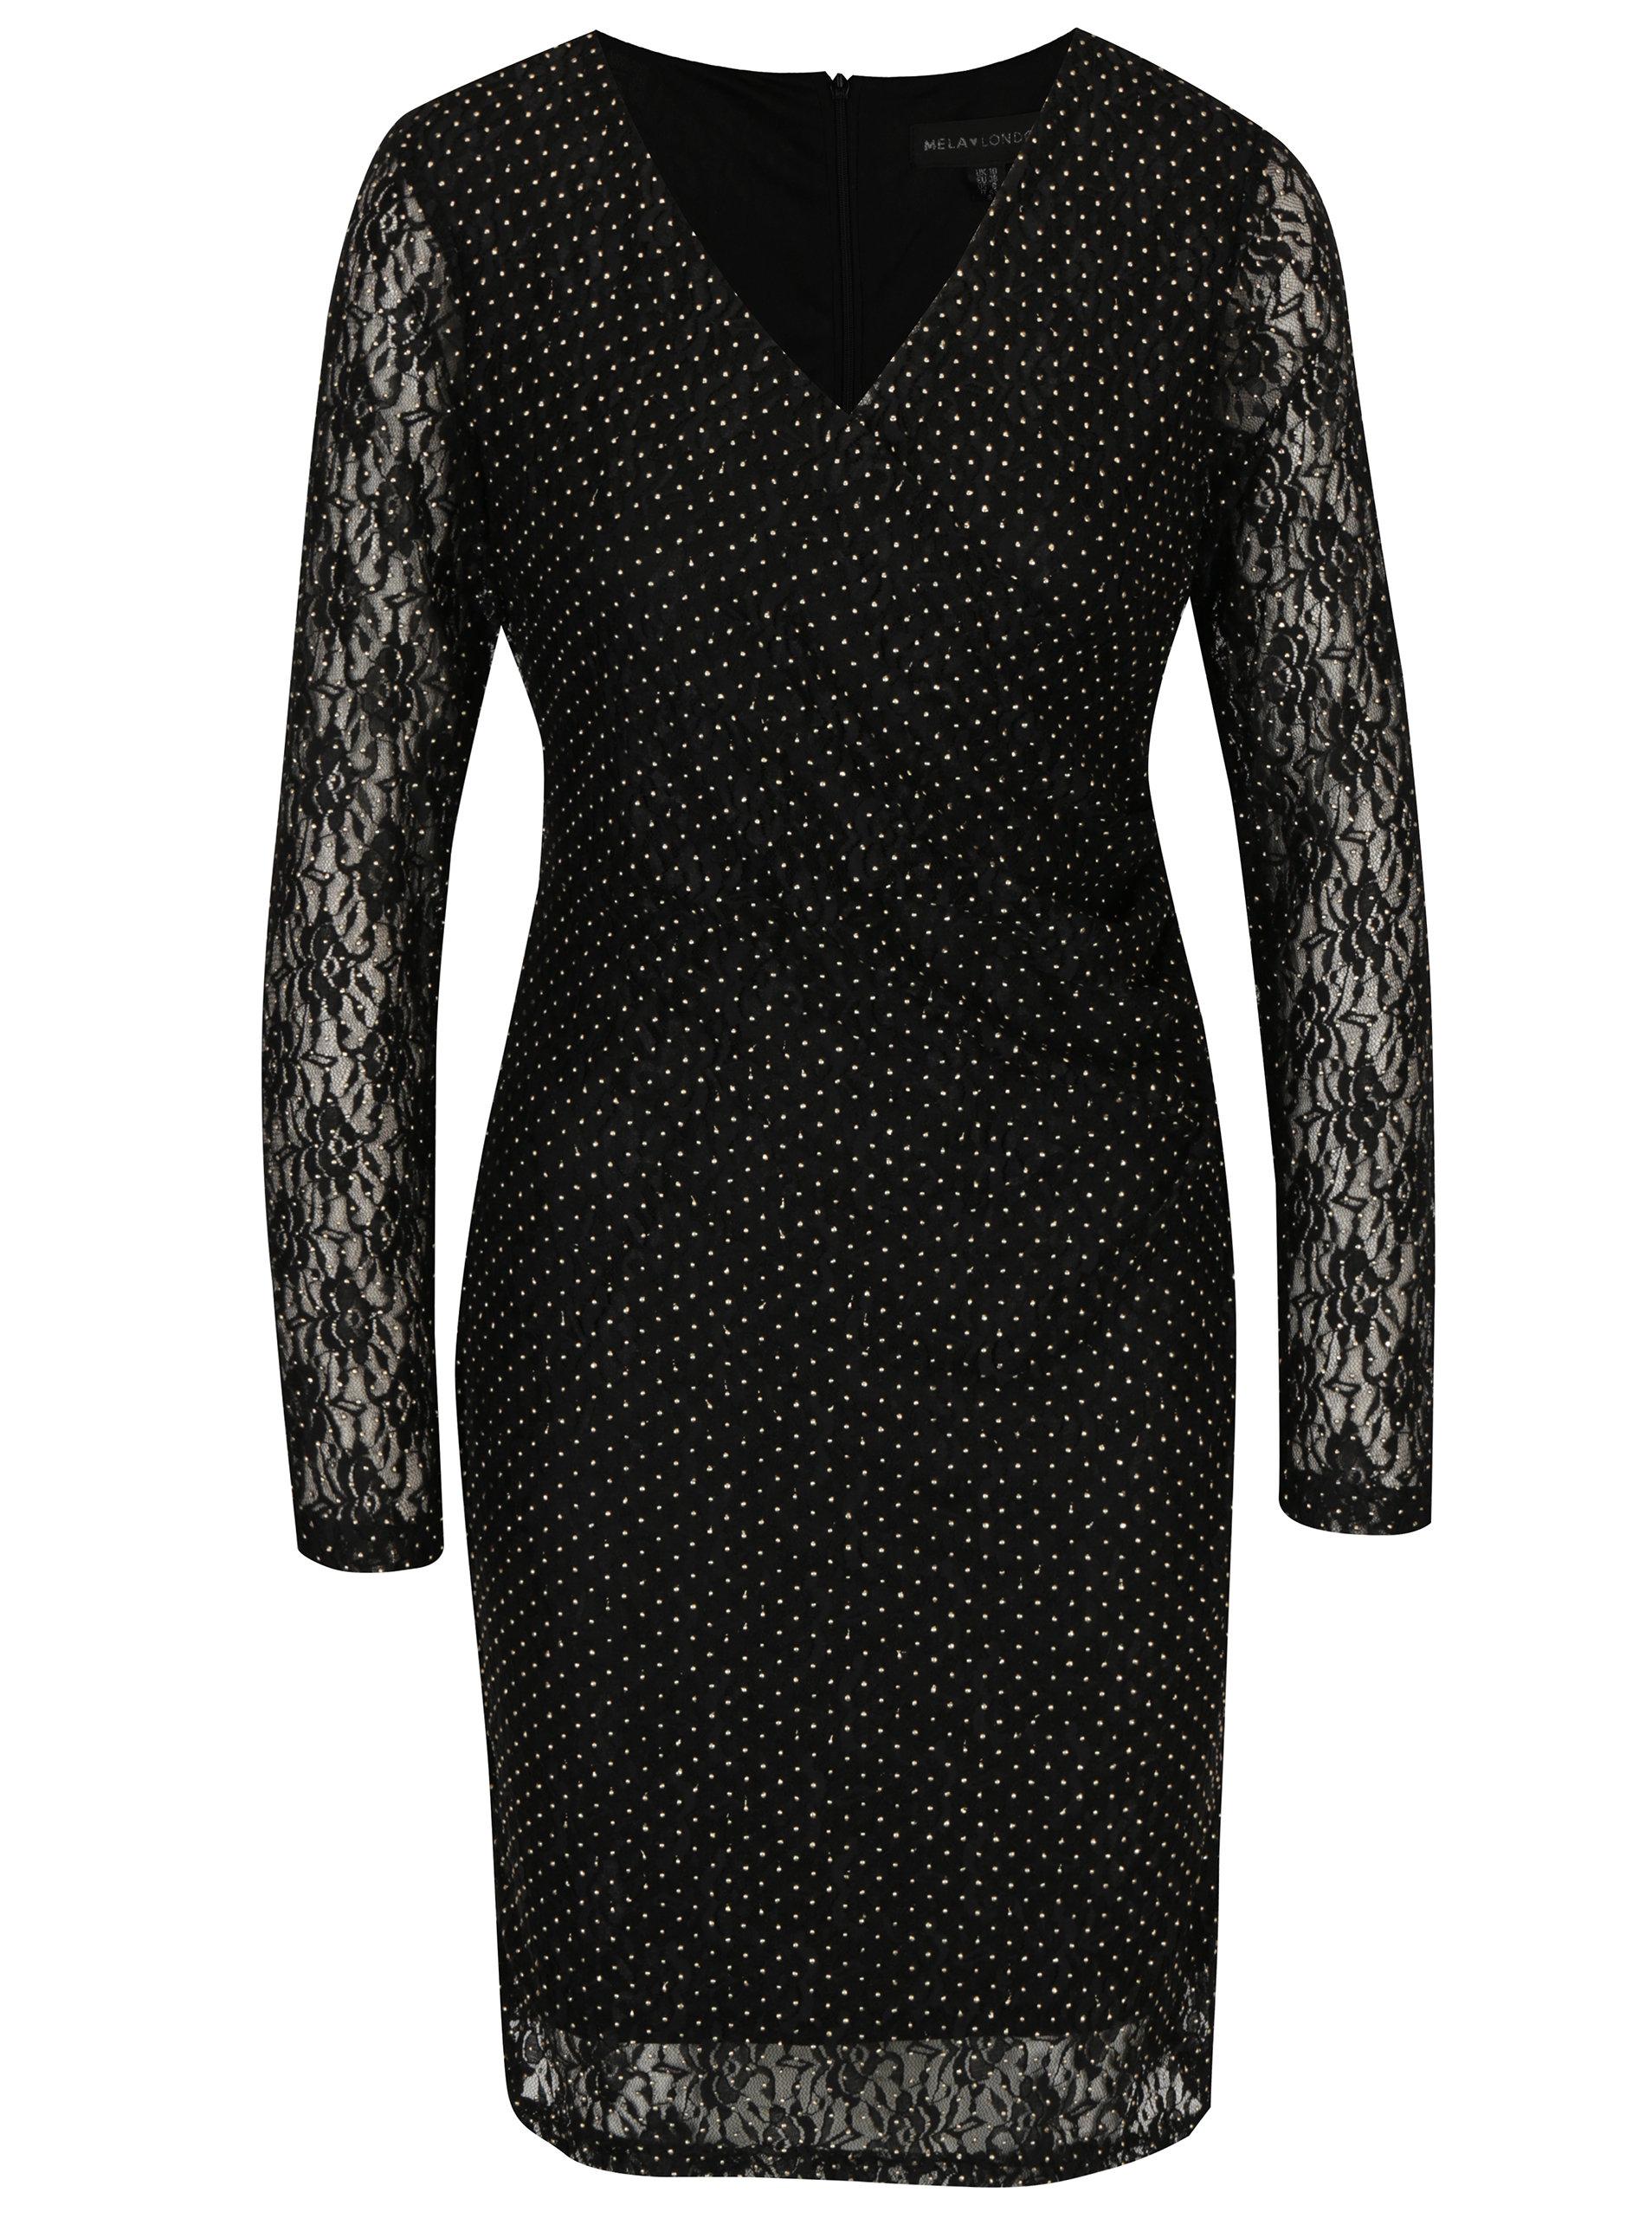 Čierne čipkované šaty s prekladaným výstrihom Mela London ... 97a82ea2f41